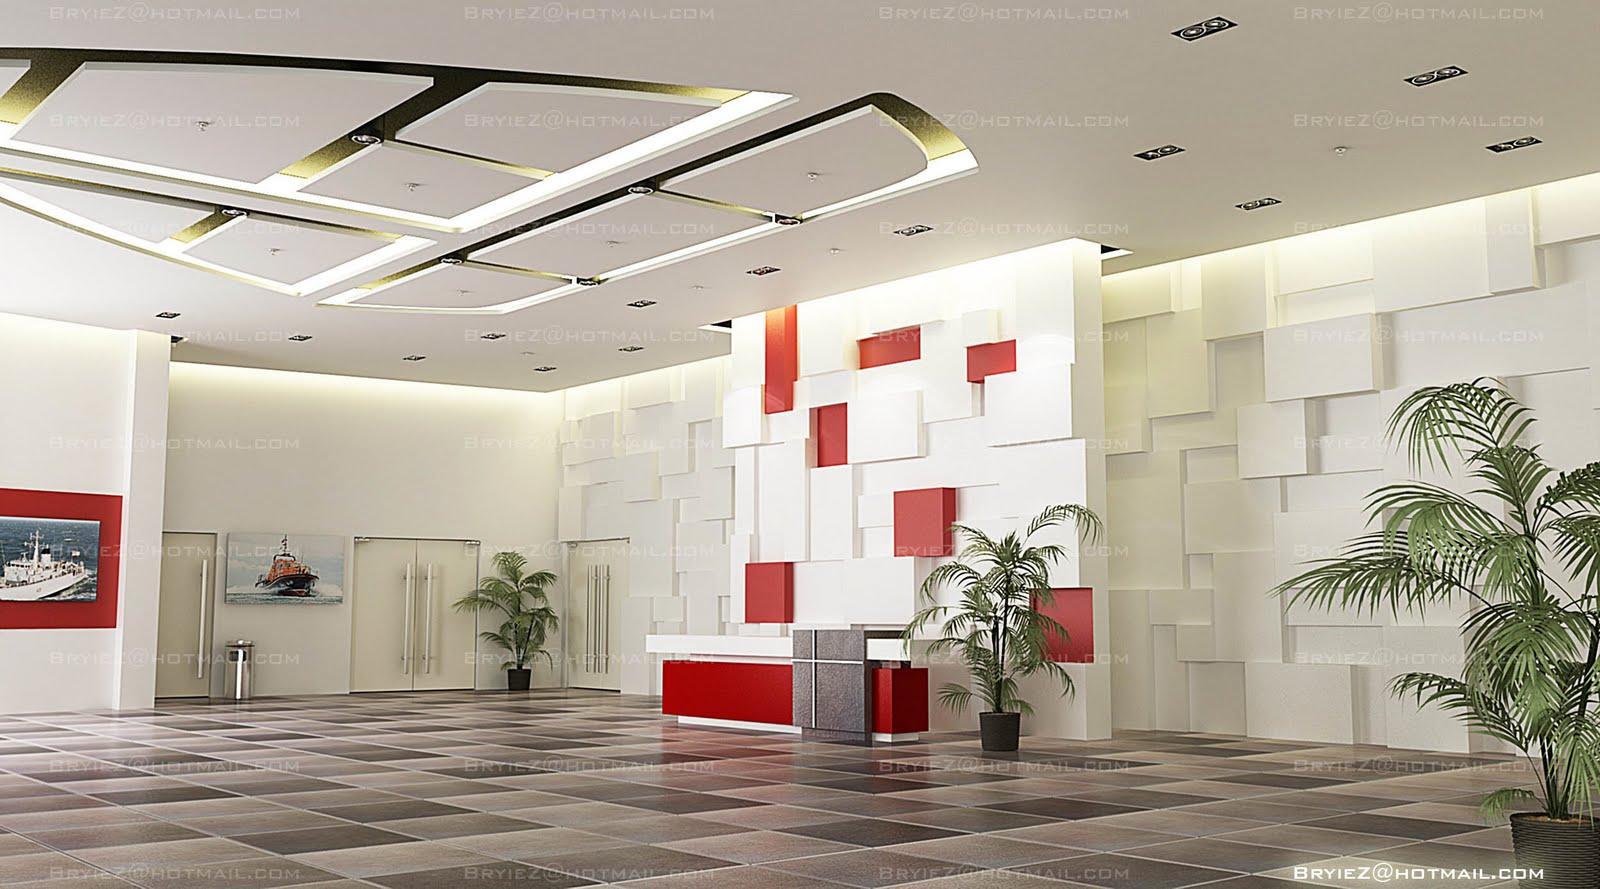 Bryiez Interior Space Design